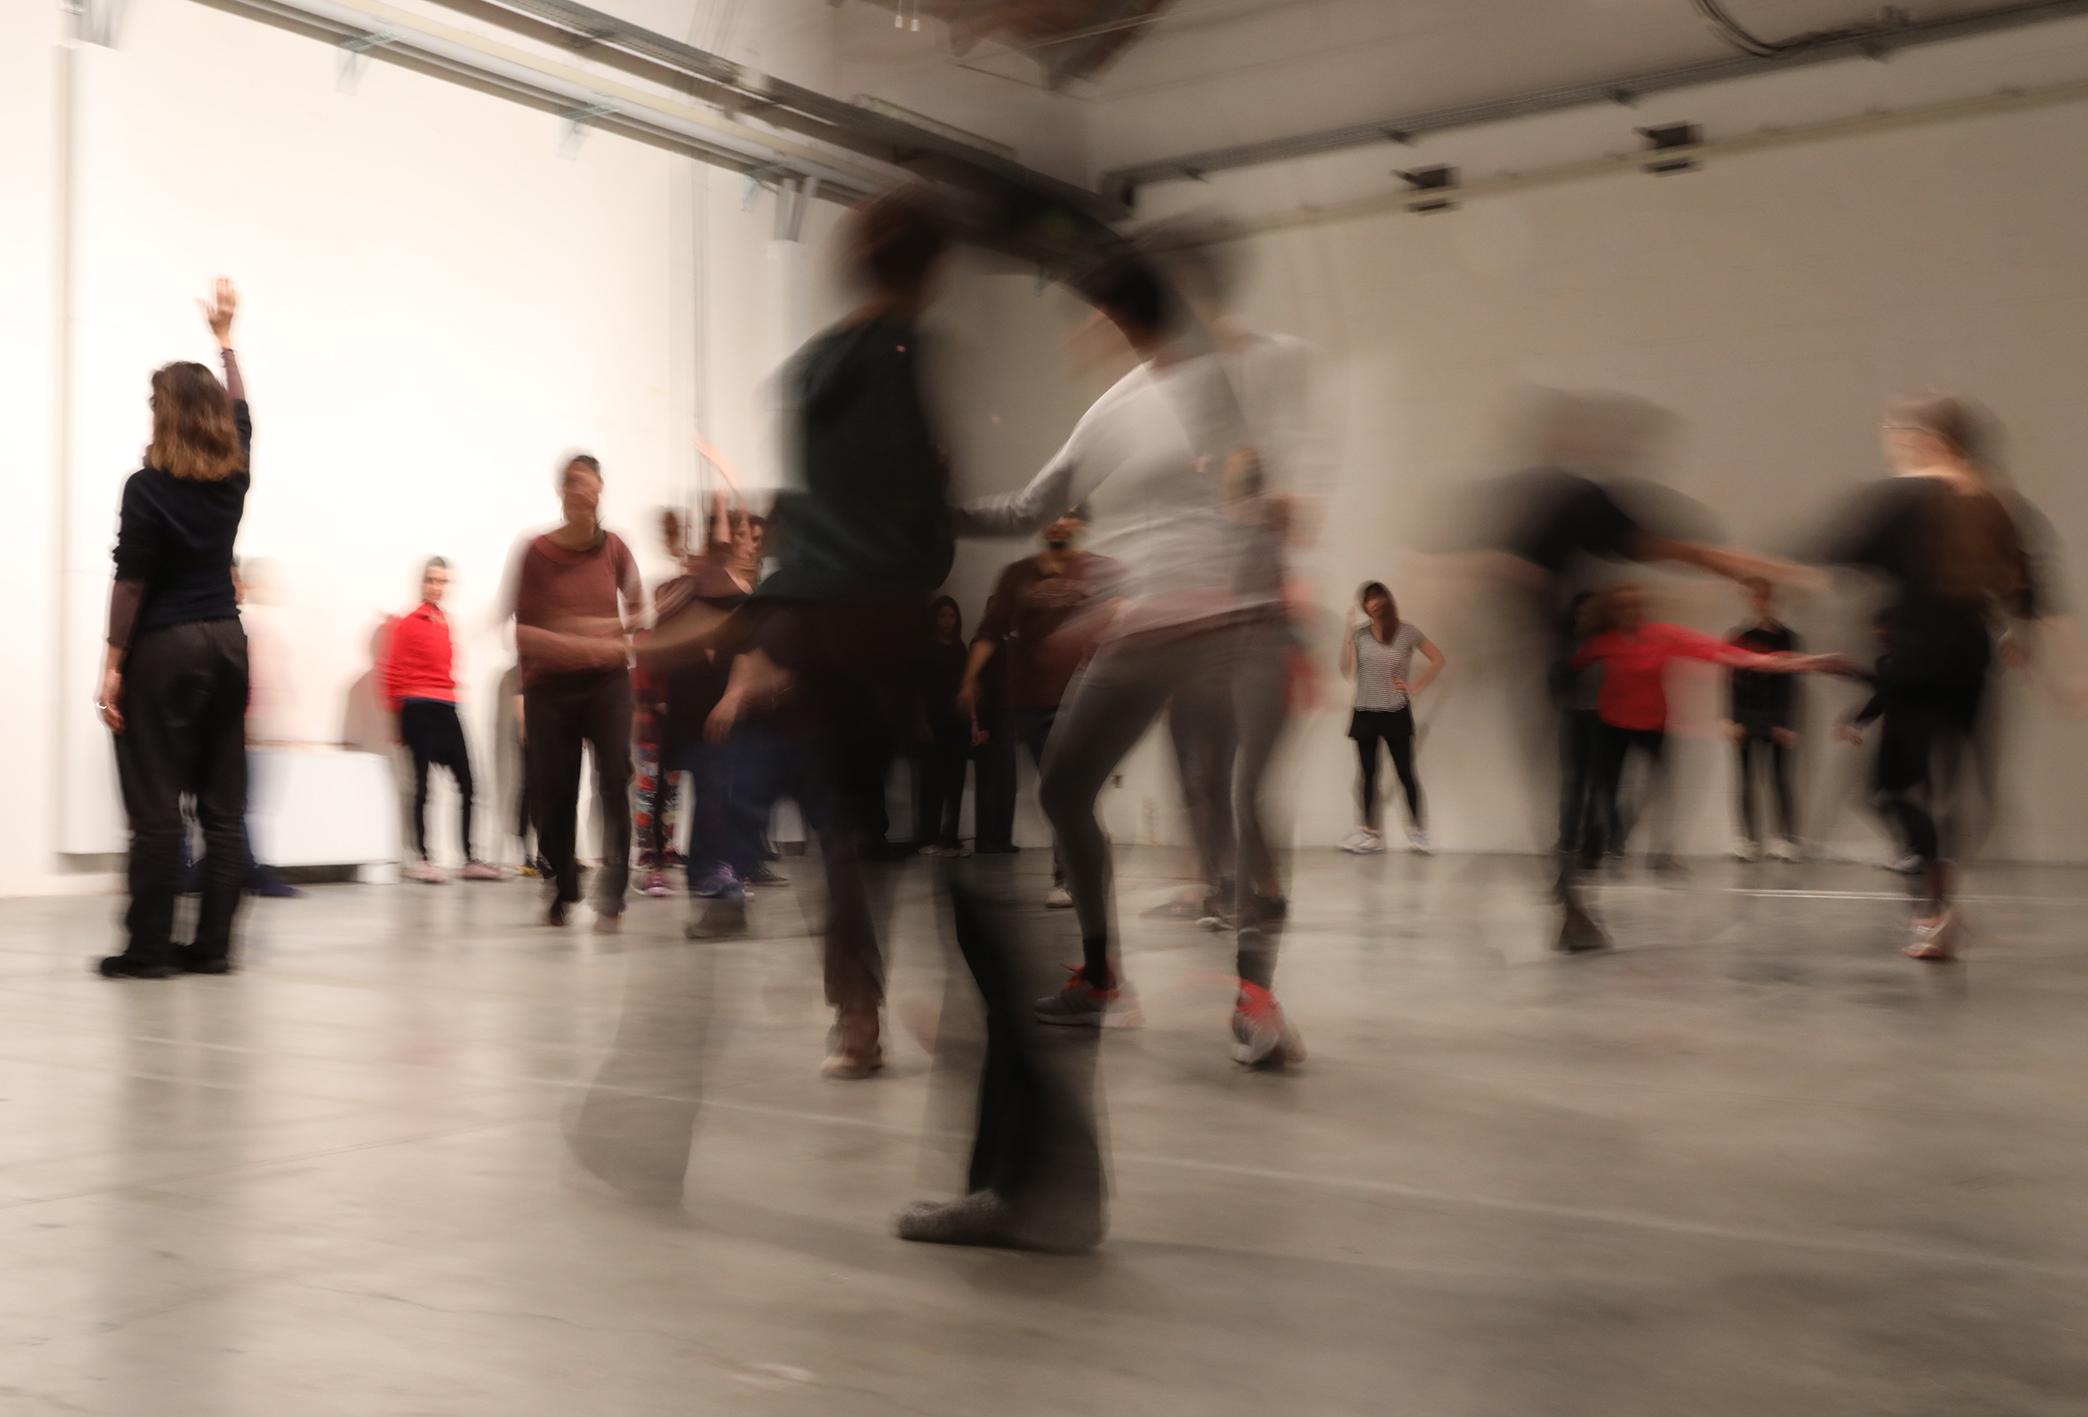 https://www.danzaurbana.eu/festival/wp-content/uploads/Stormo_1K1A5233_lite.jpg